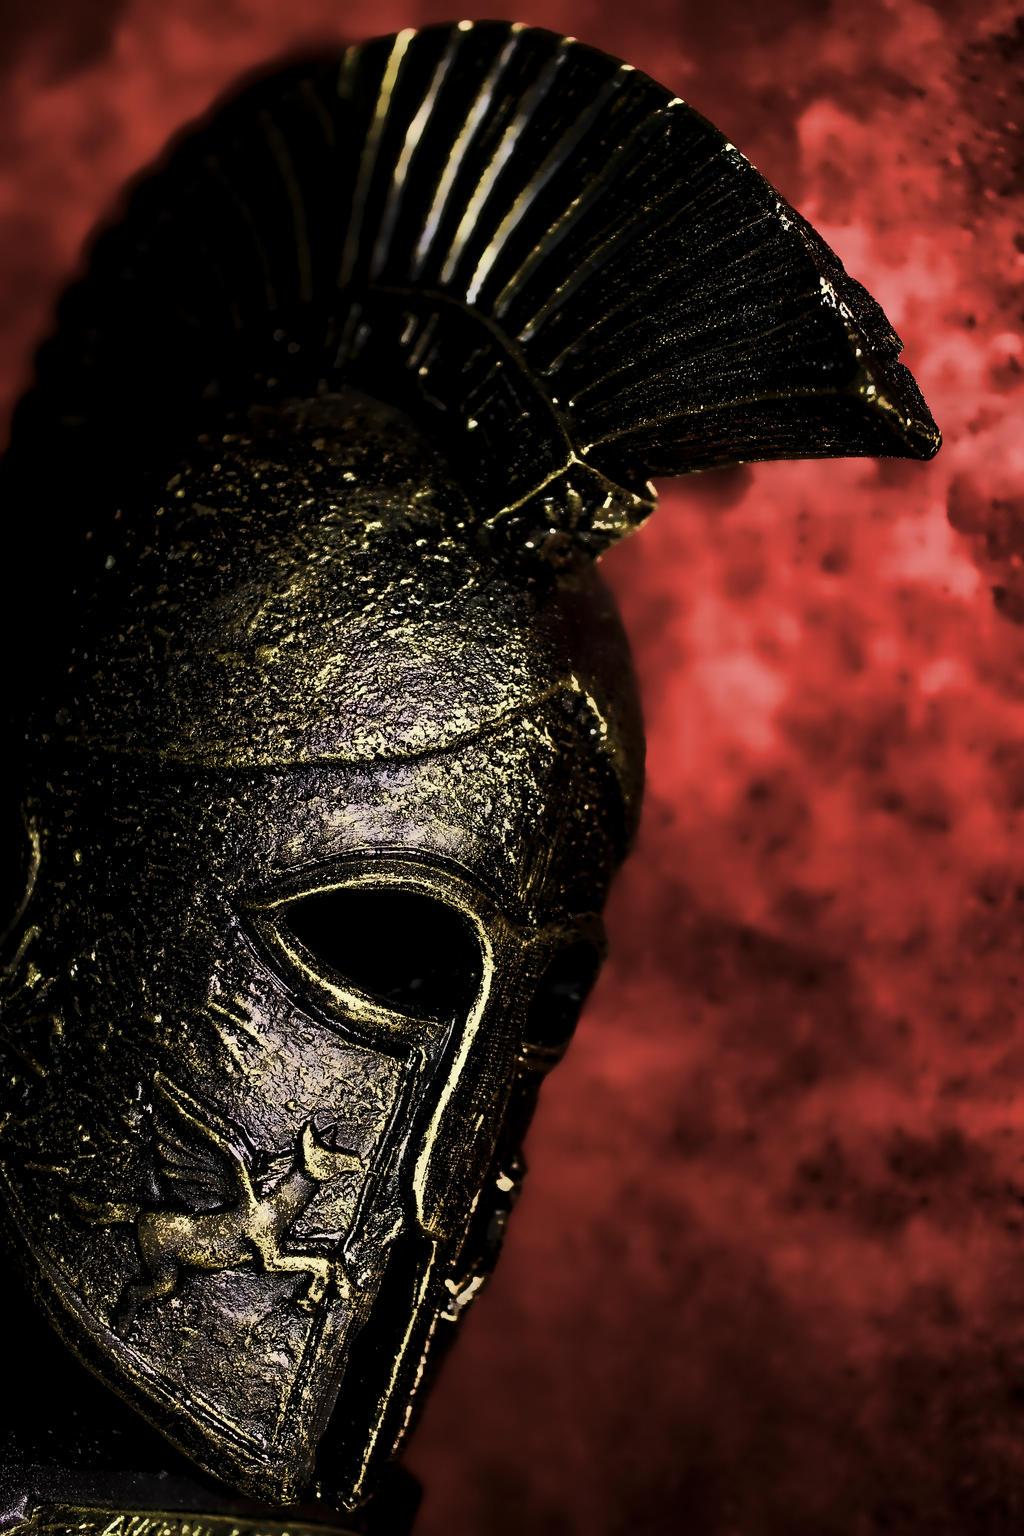 SPARTAN helmet by OPrwtos on DeviantArt